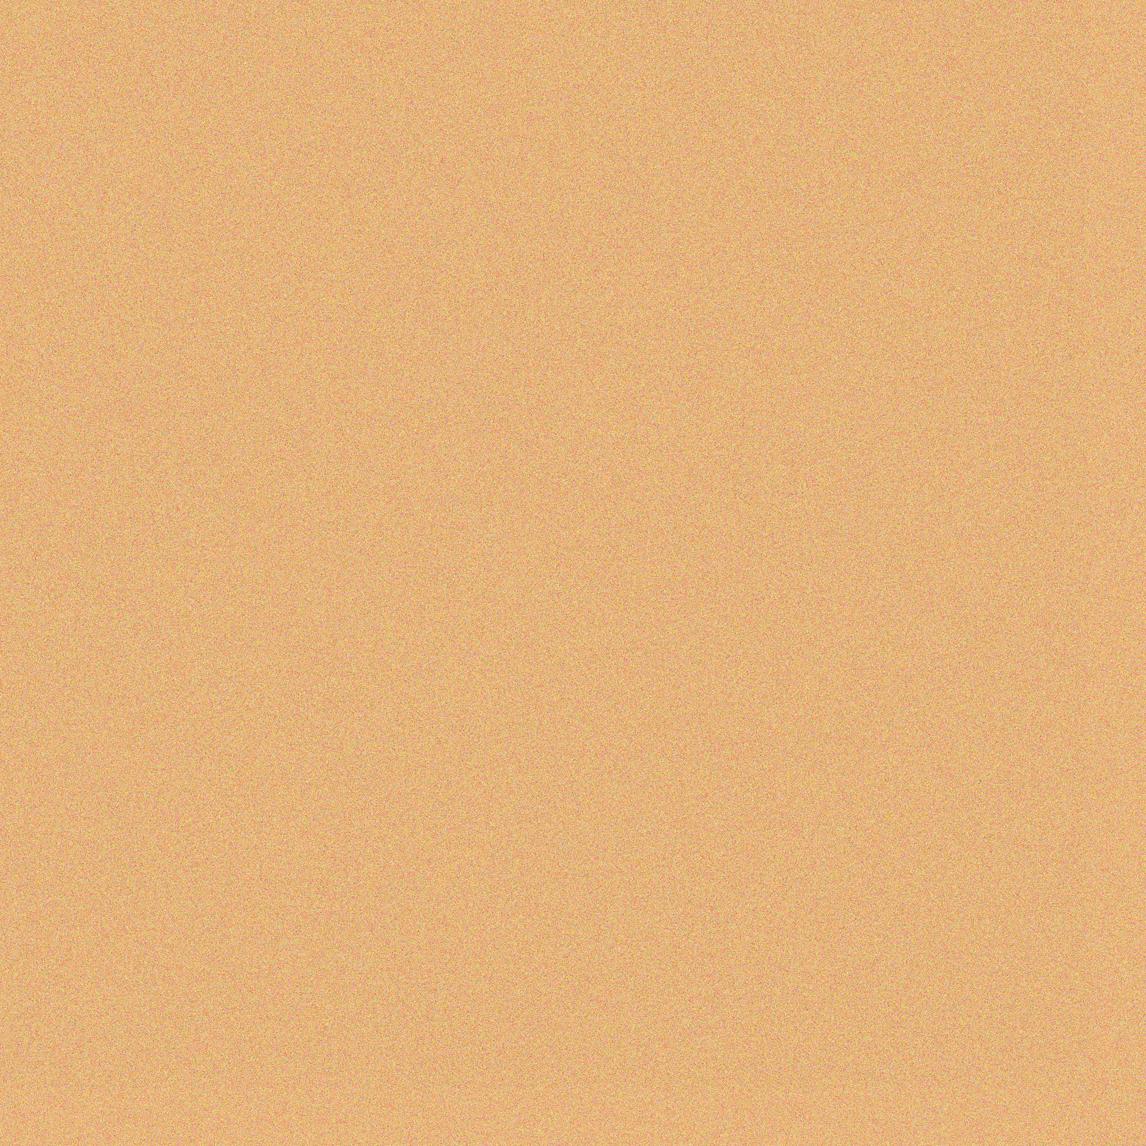 Background image 800x800 - Background Image 800x800 14